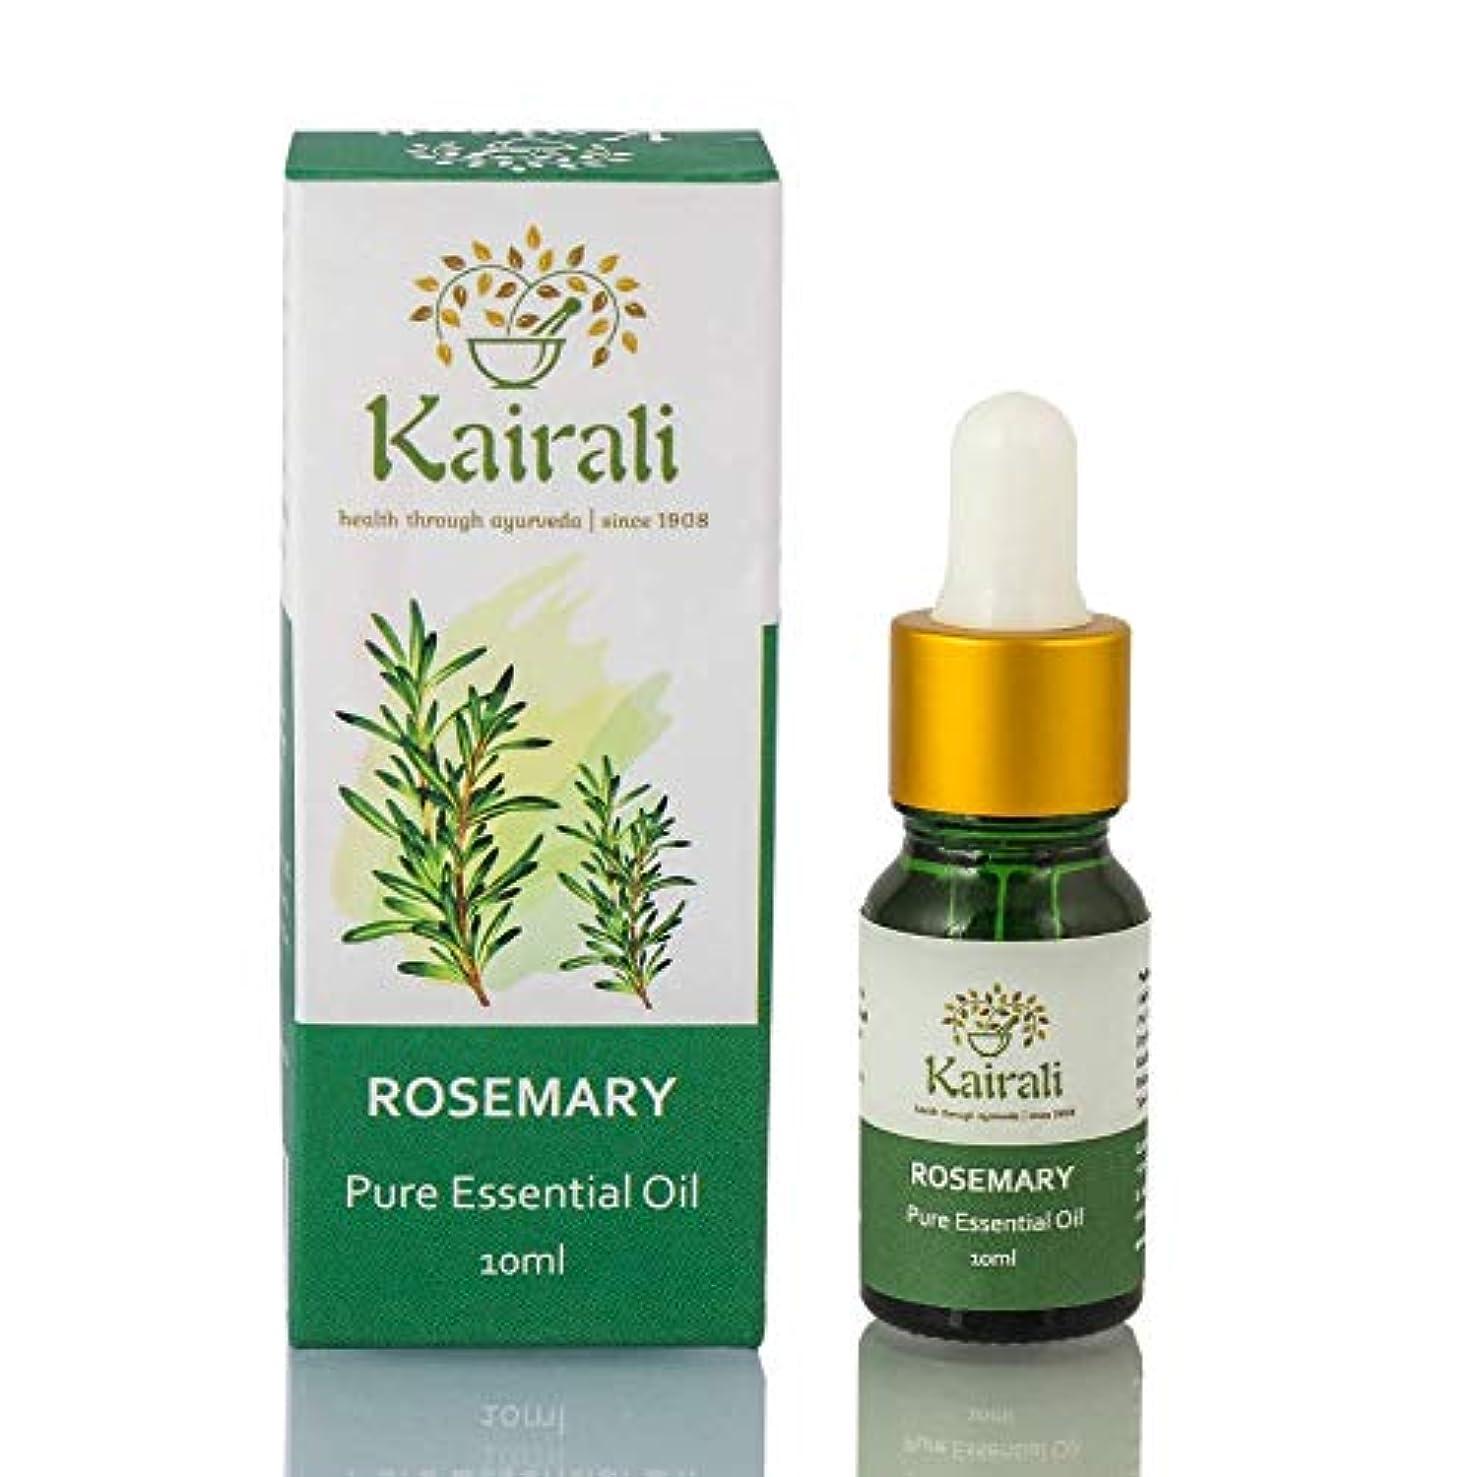 アレルギー可決差カイラリ エッセンシャルオイル ローズマリー 10ml(天然100%精油) Kairali アロマオイル